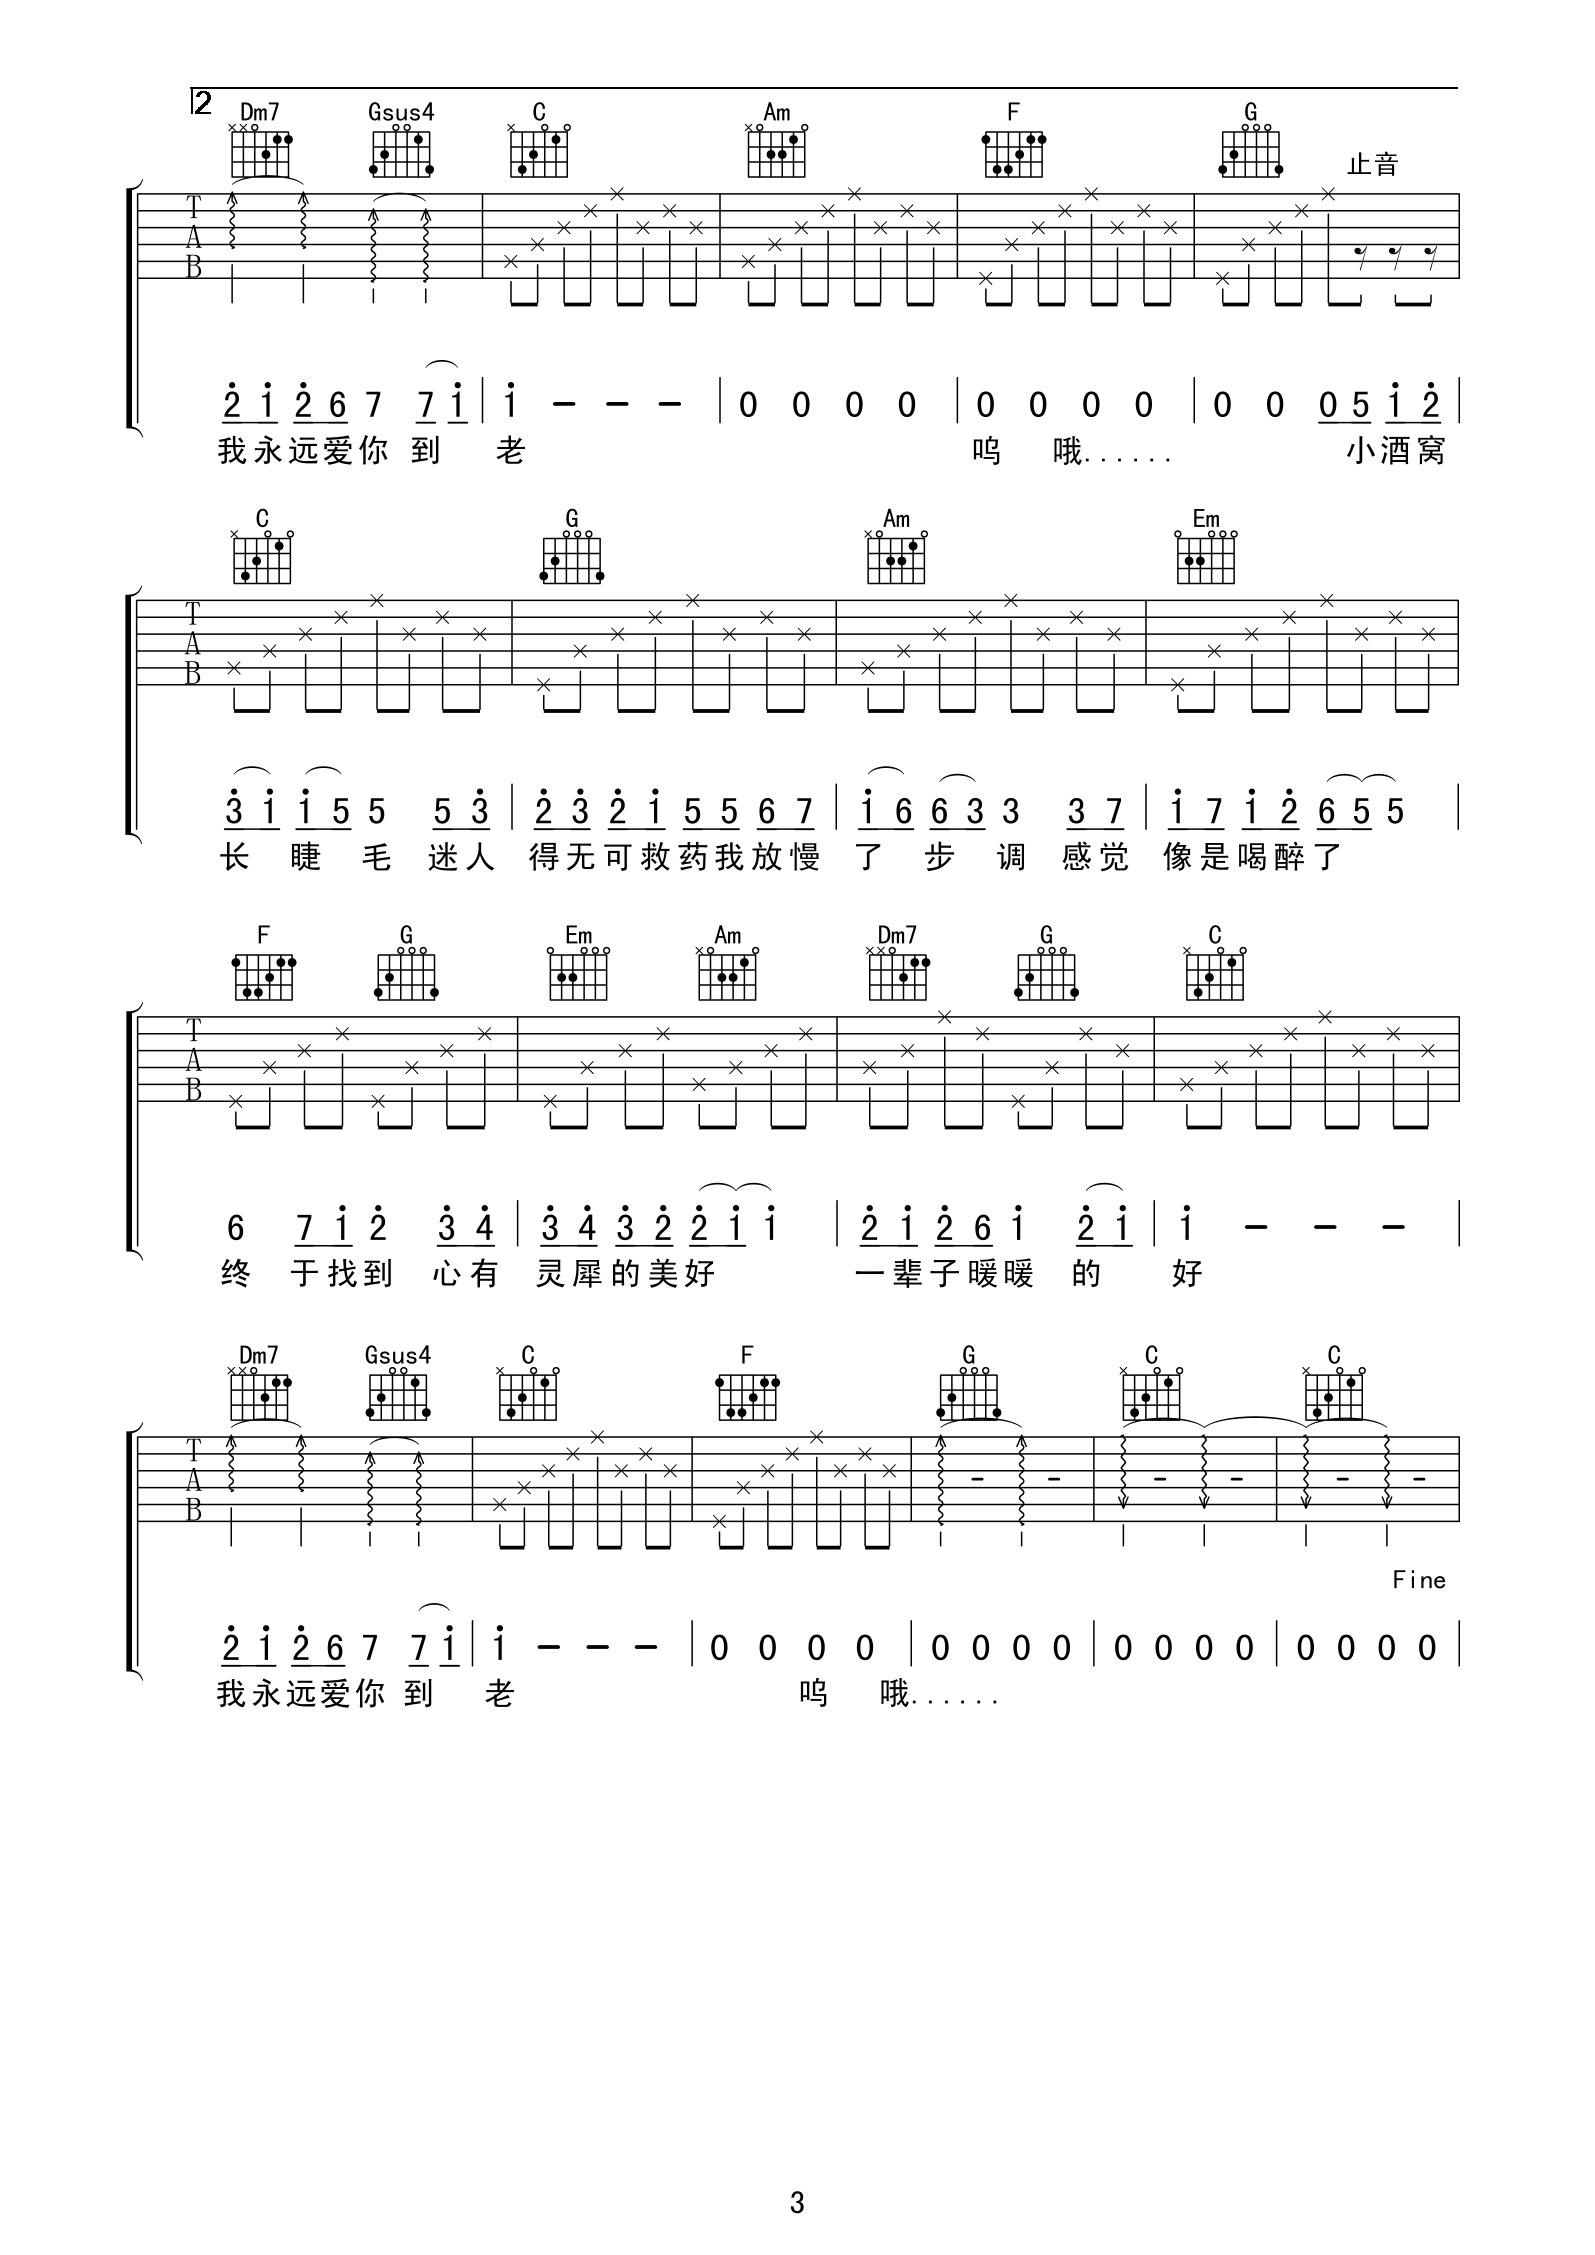 林俊杰&蔡卓妍《小酒窝》吉他谱